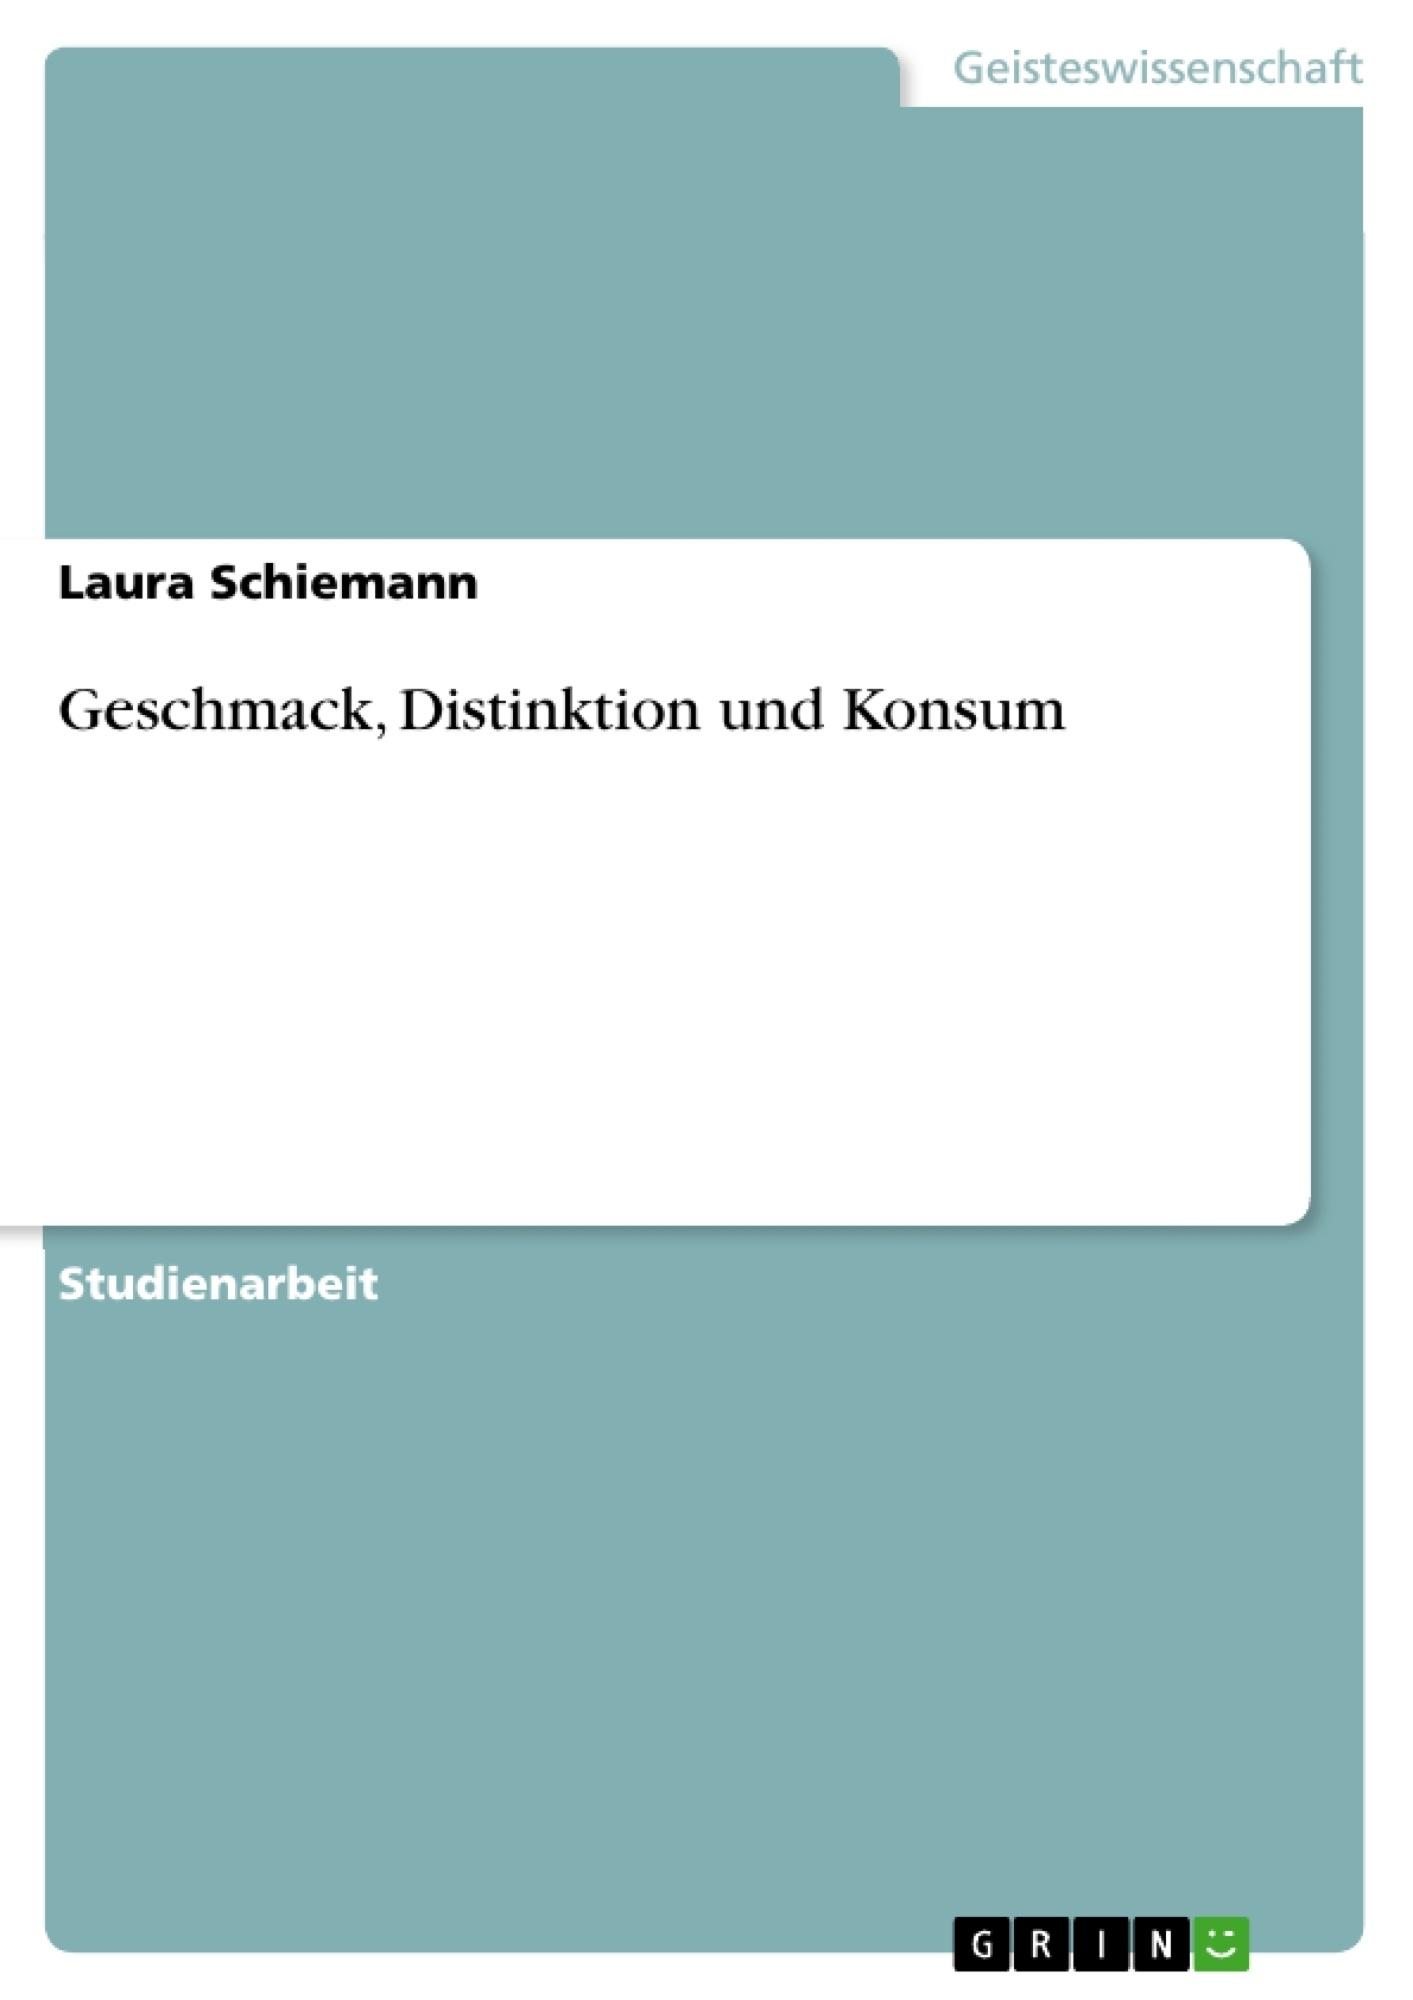 Titel: Geschmack, Distinktion und Konsum